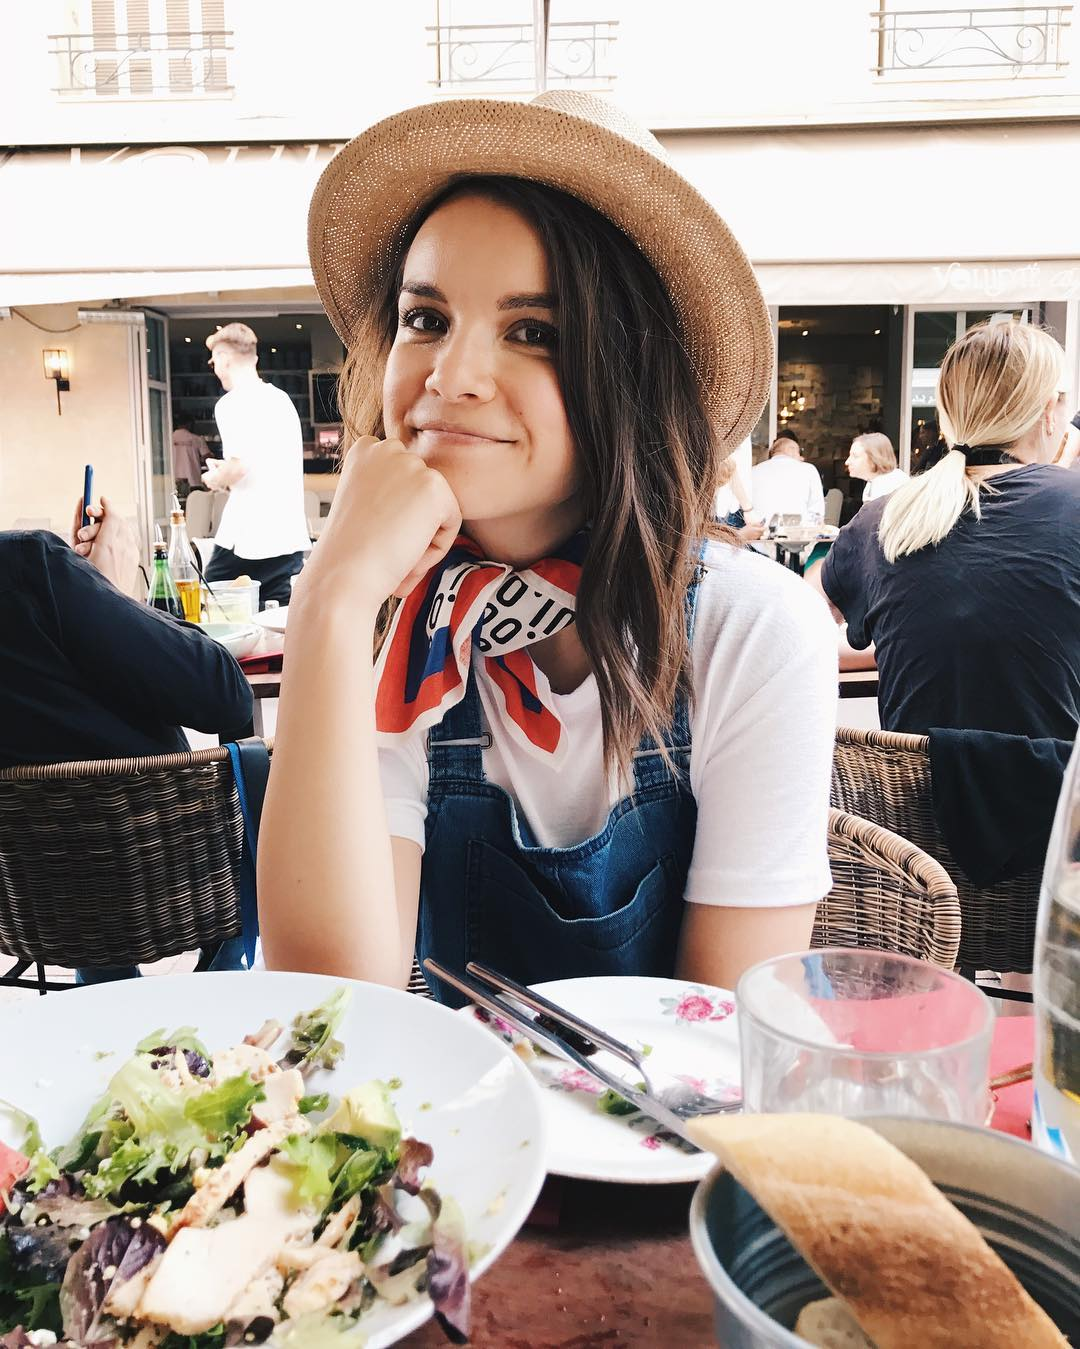 Ingrid Nilsen Instagram username